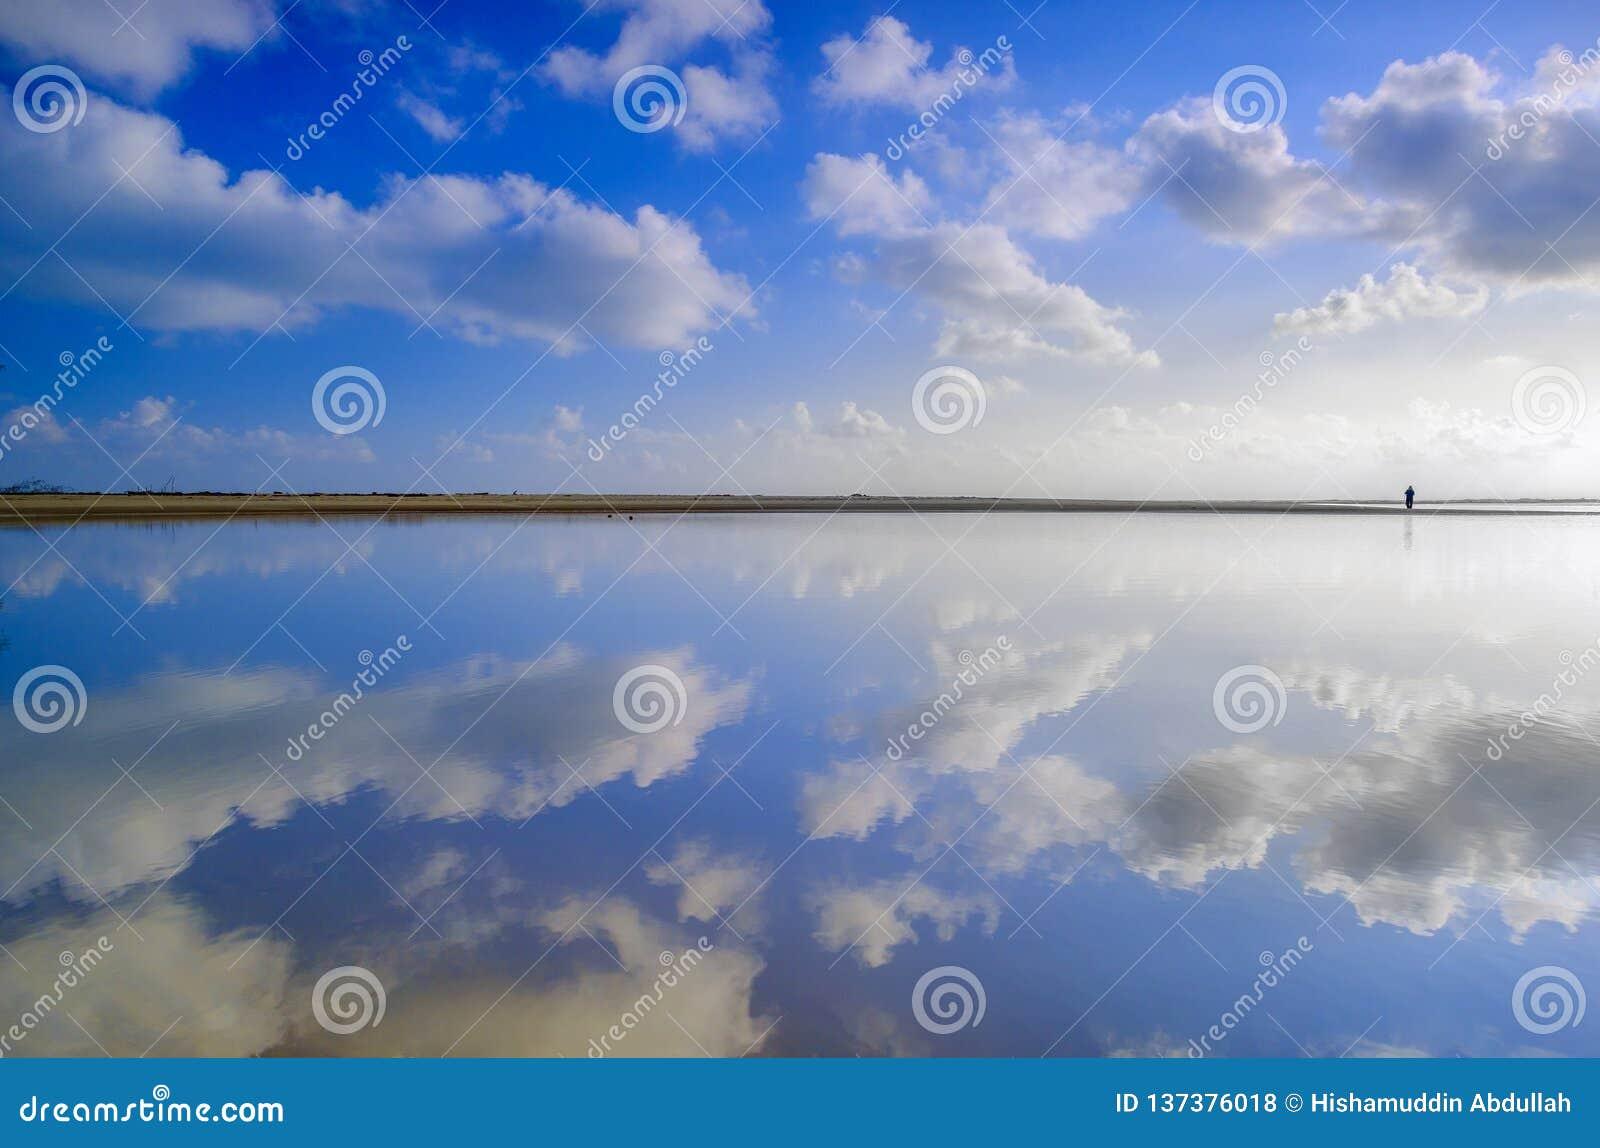 Beach with the blue sky